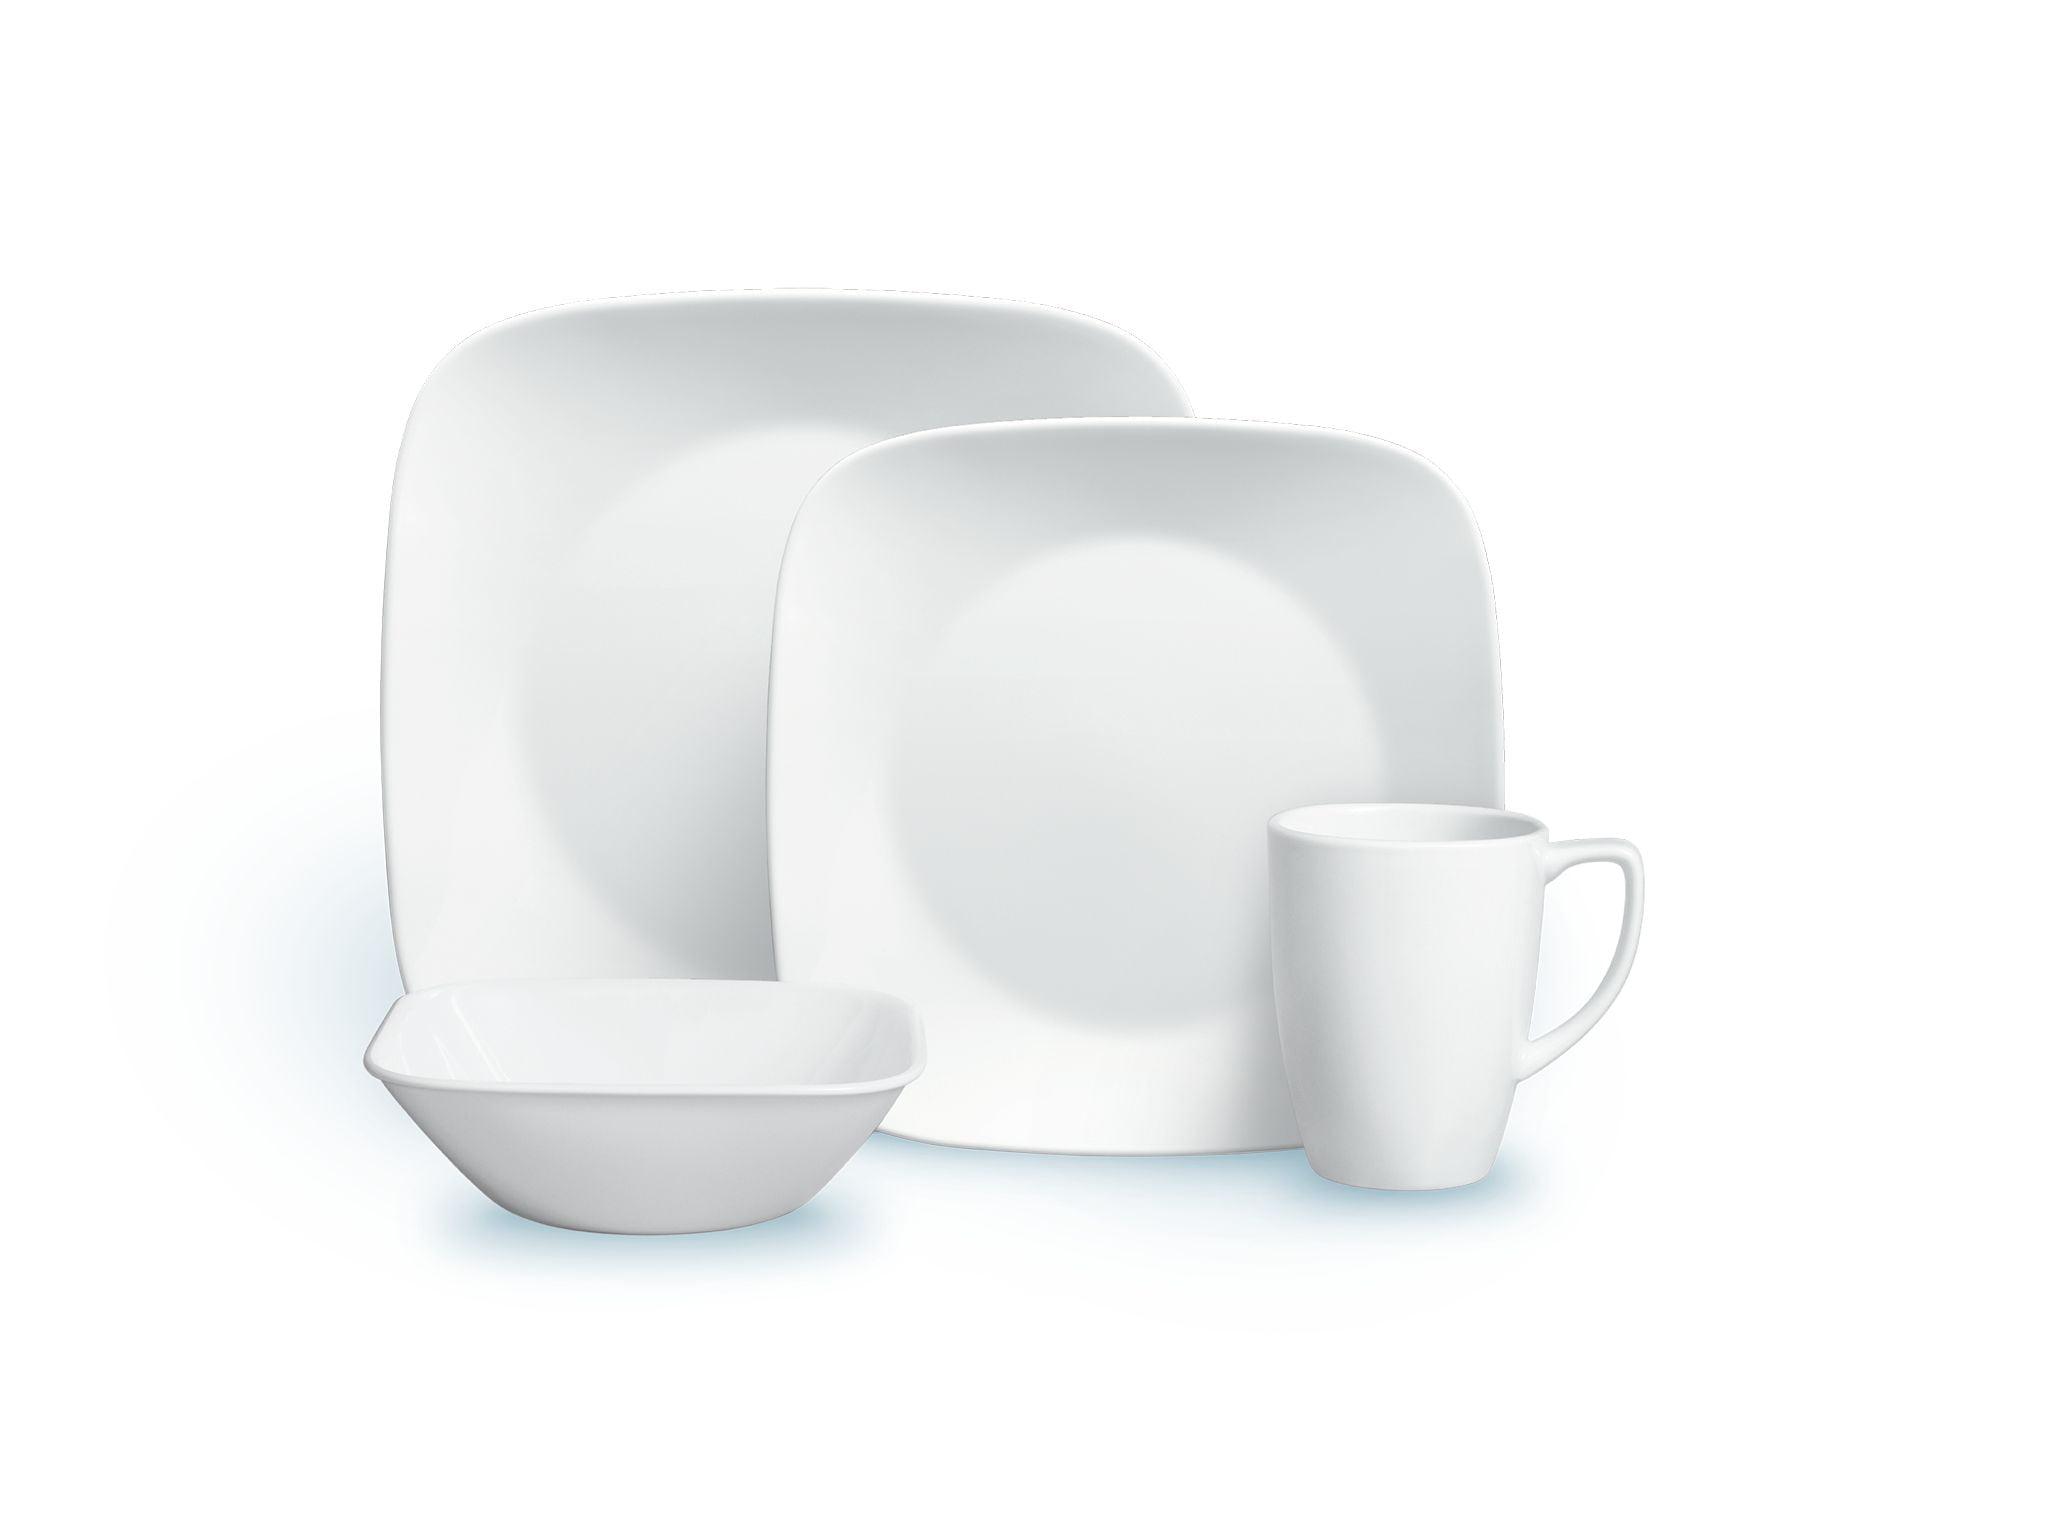 Corelle Square Pure White 20 Piece Dinnerware Set